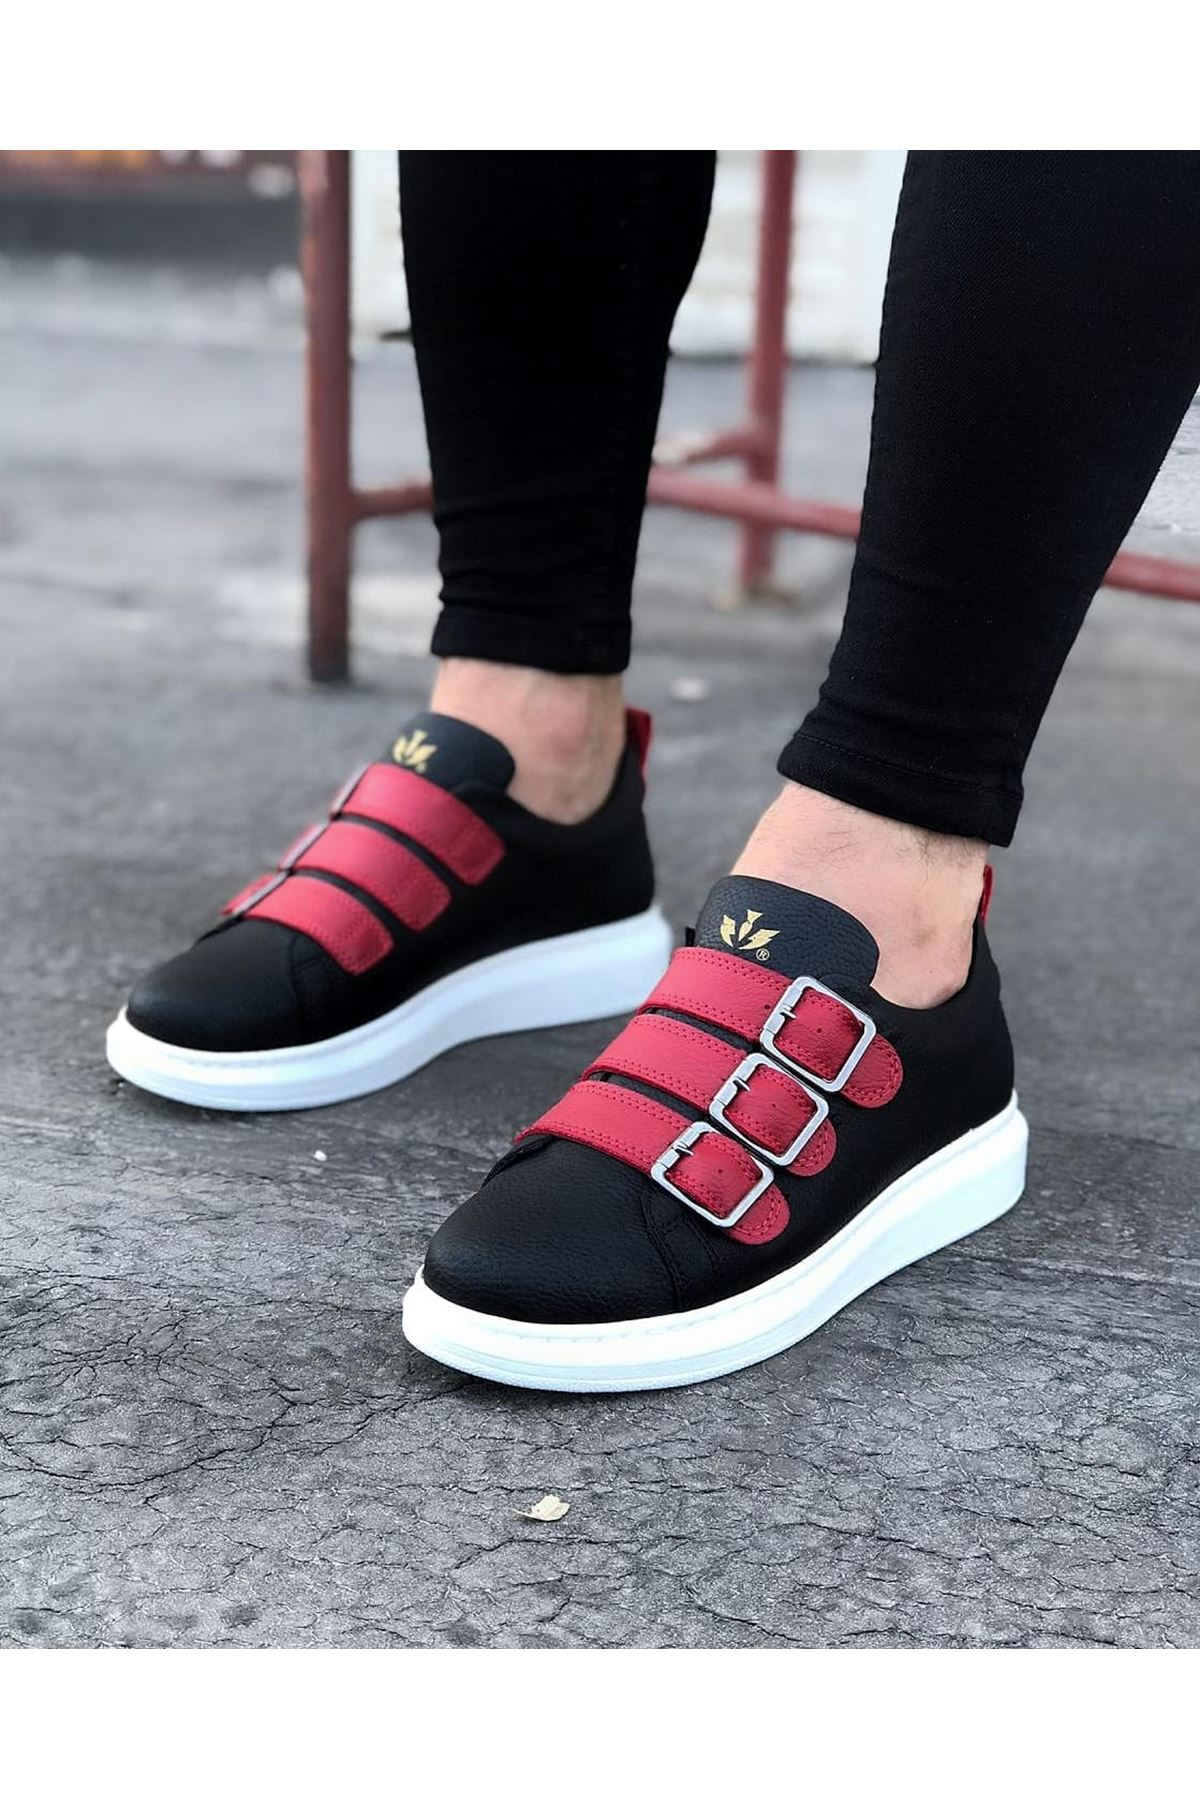 Wagoon WG050 Siyah Kırmızı Tokalı Kalın Taban Erkek Ayakkabı